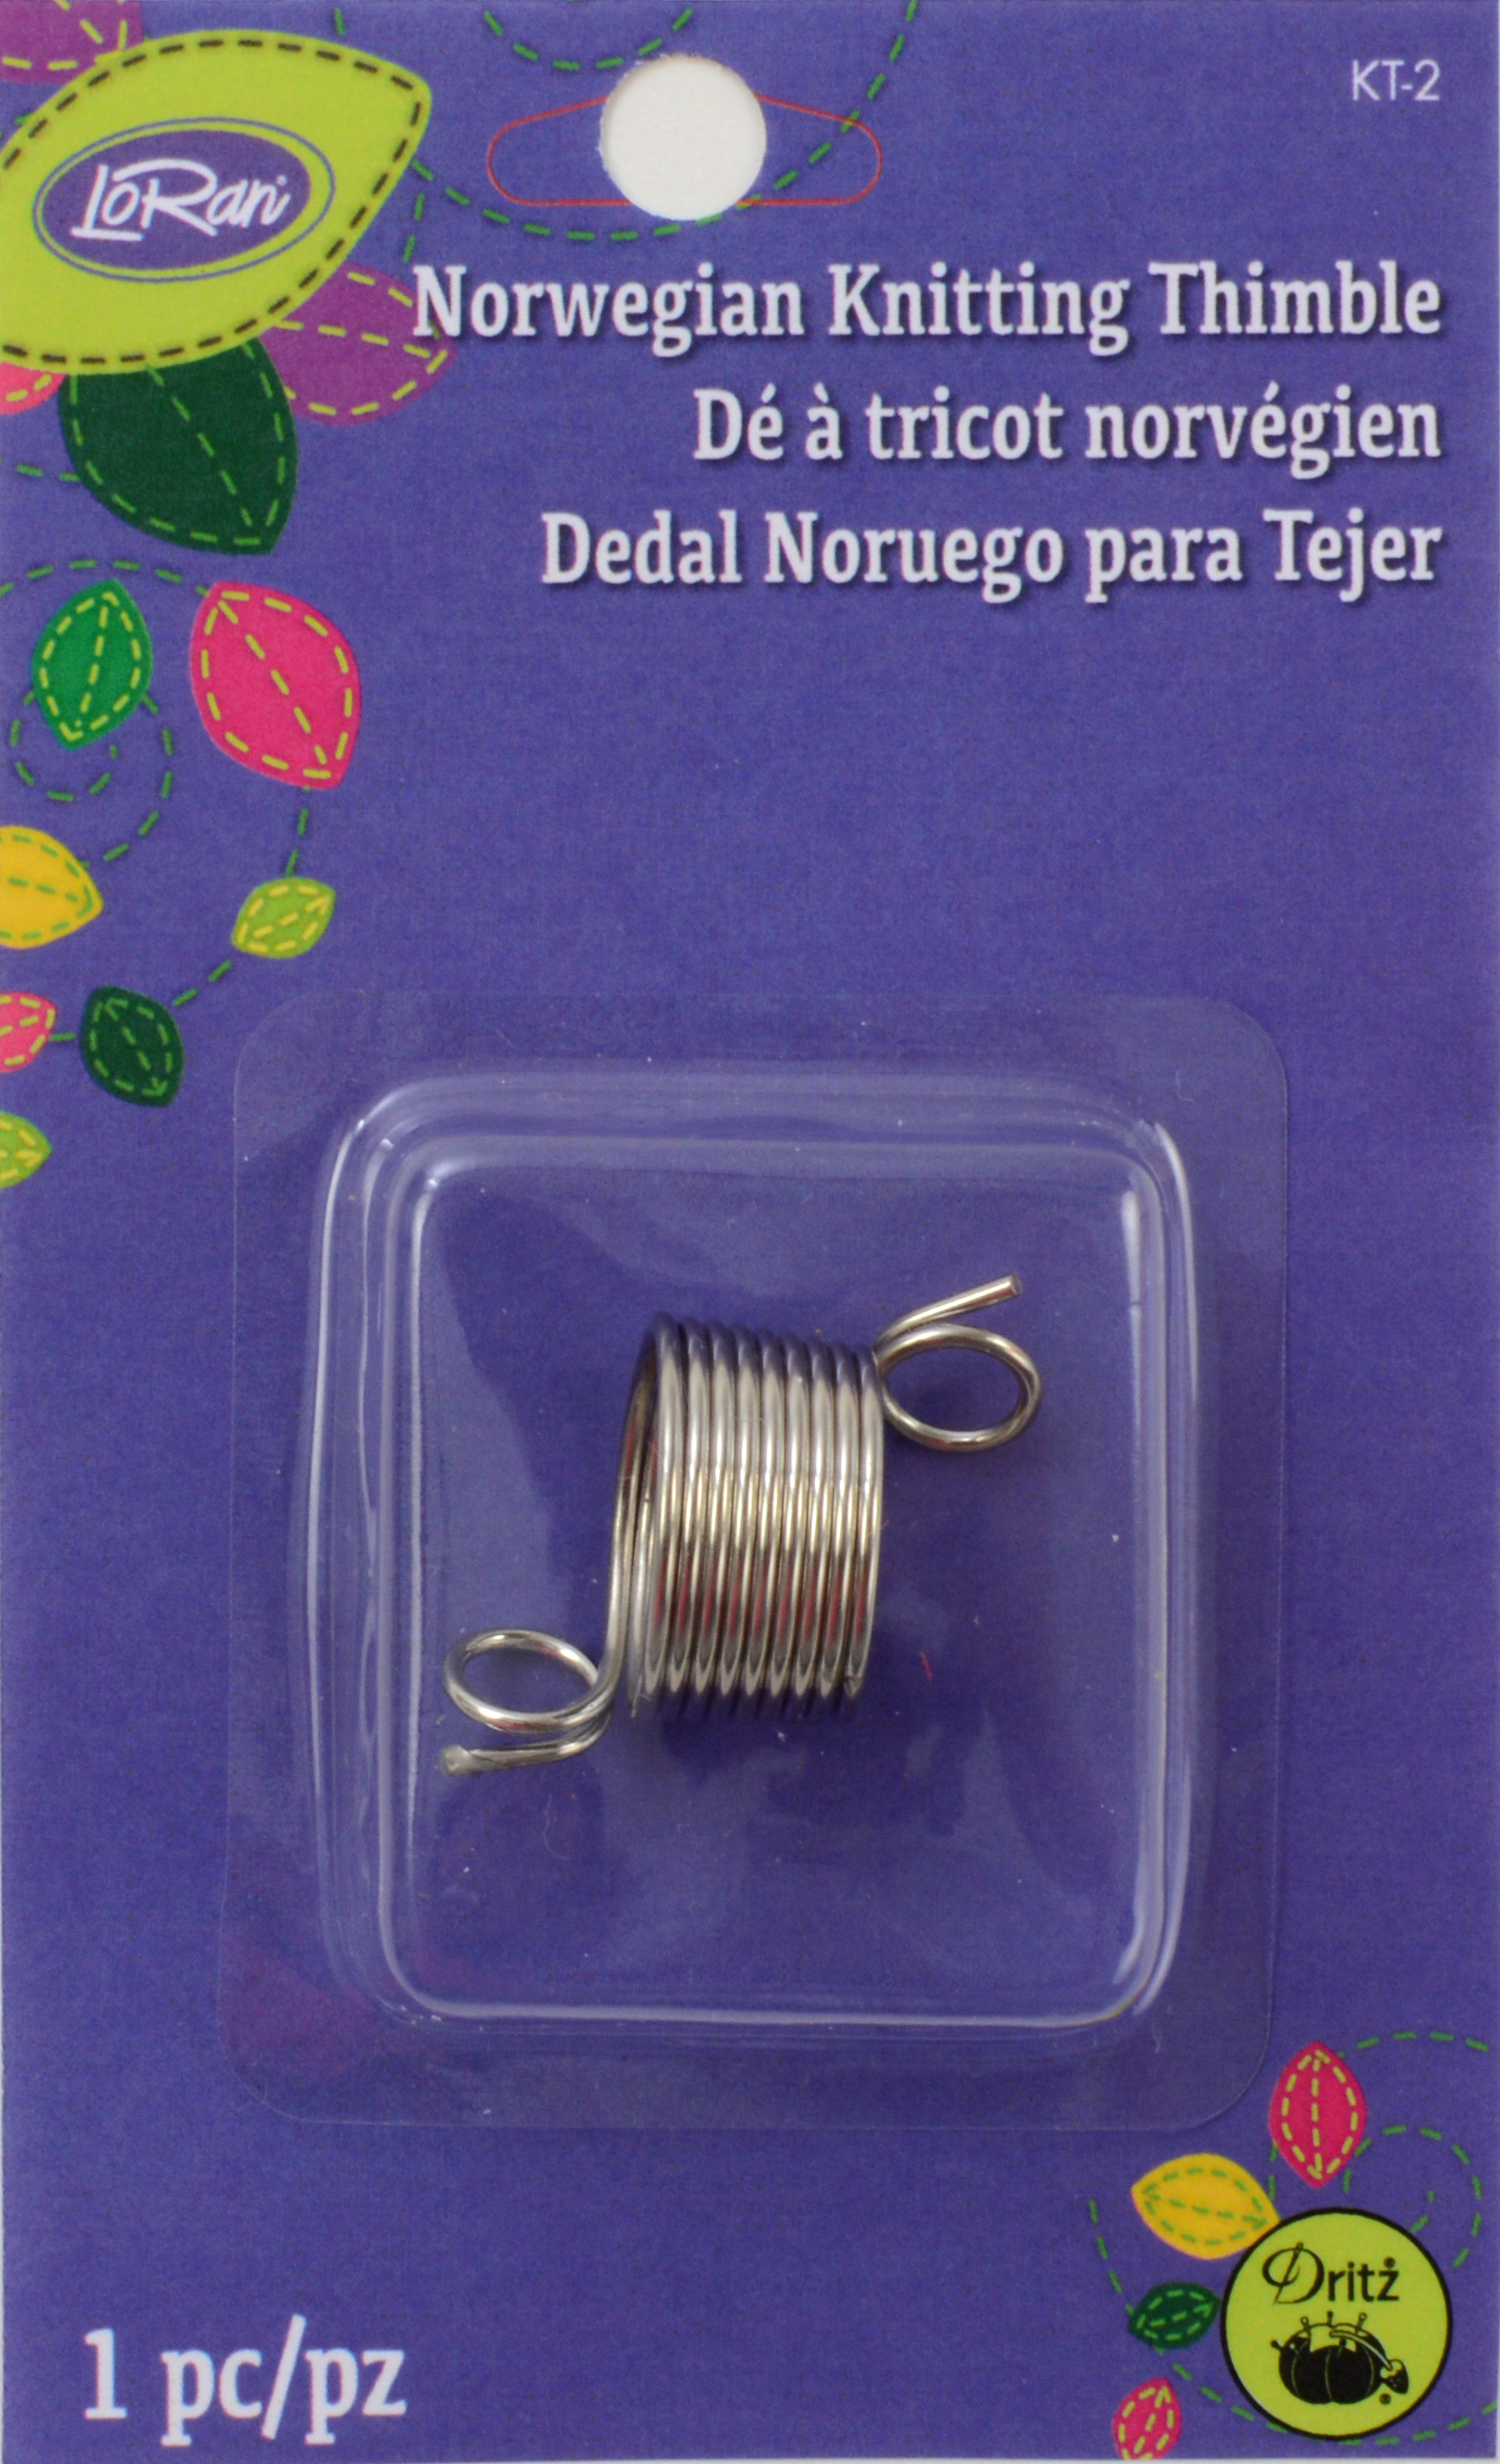 Norwegian Knitting Thimble